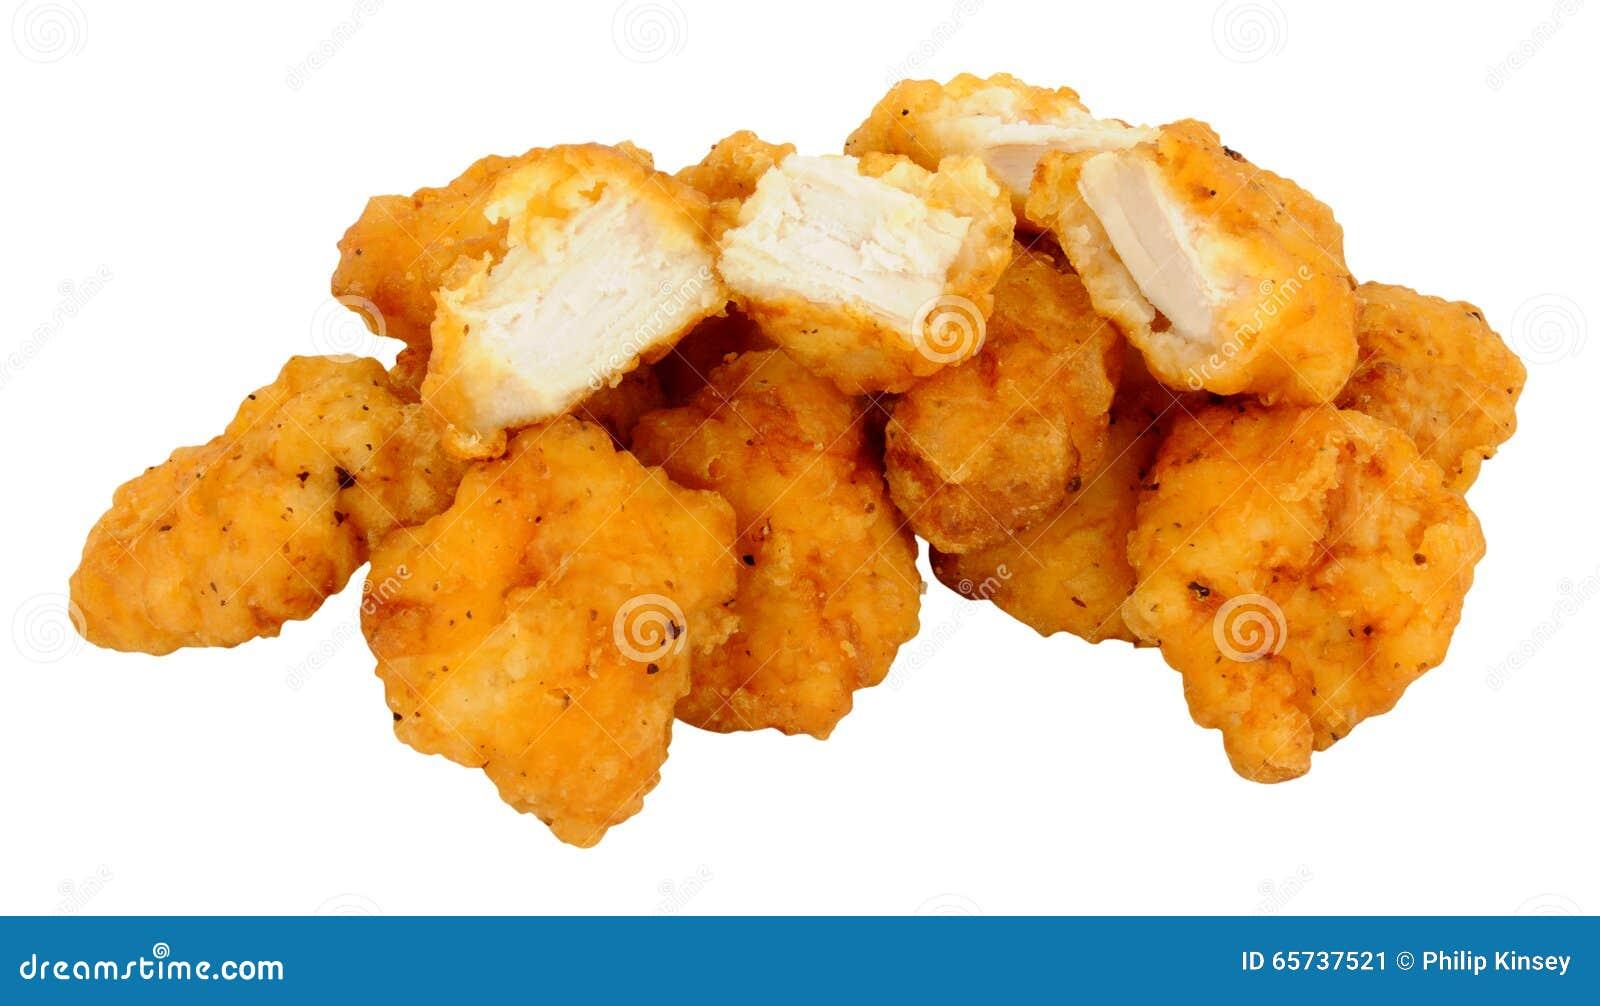 Chicken Nugget Bites